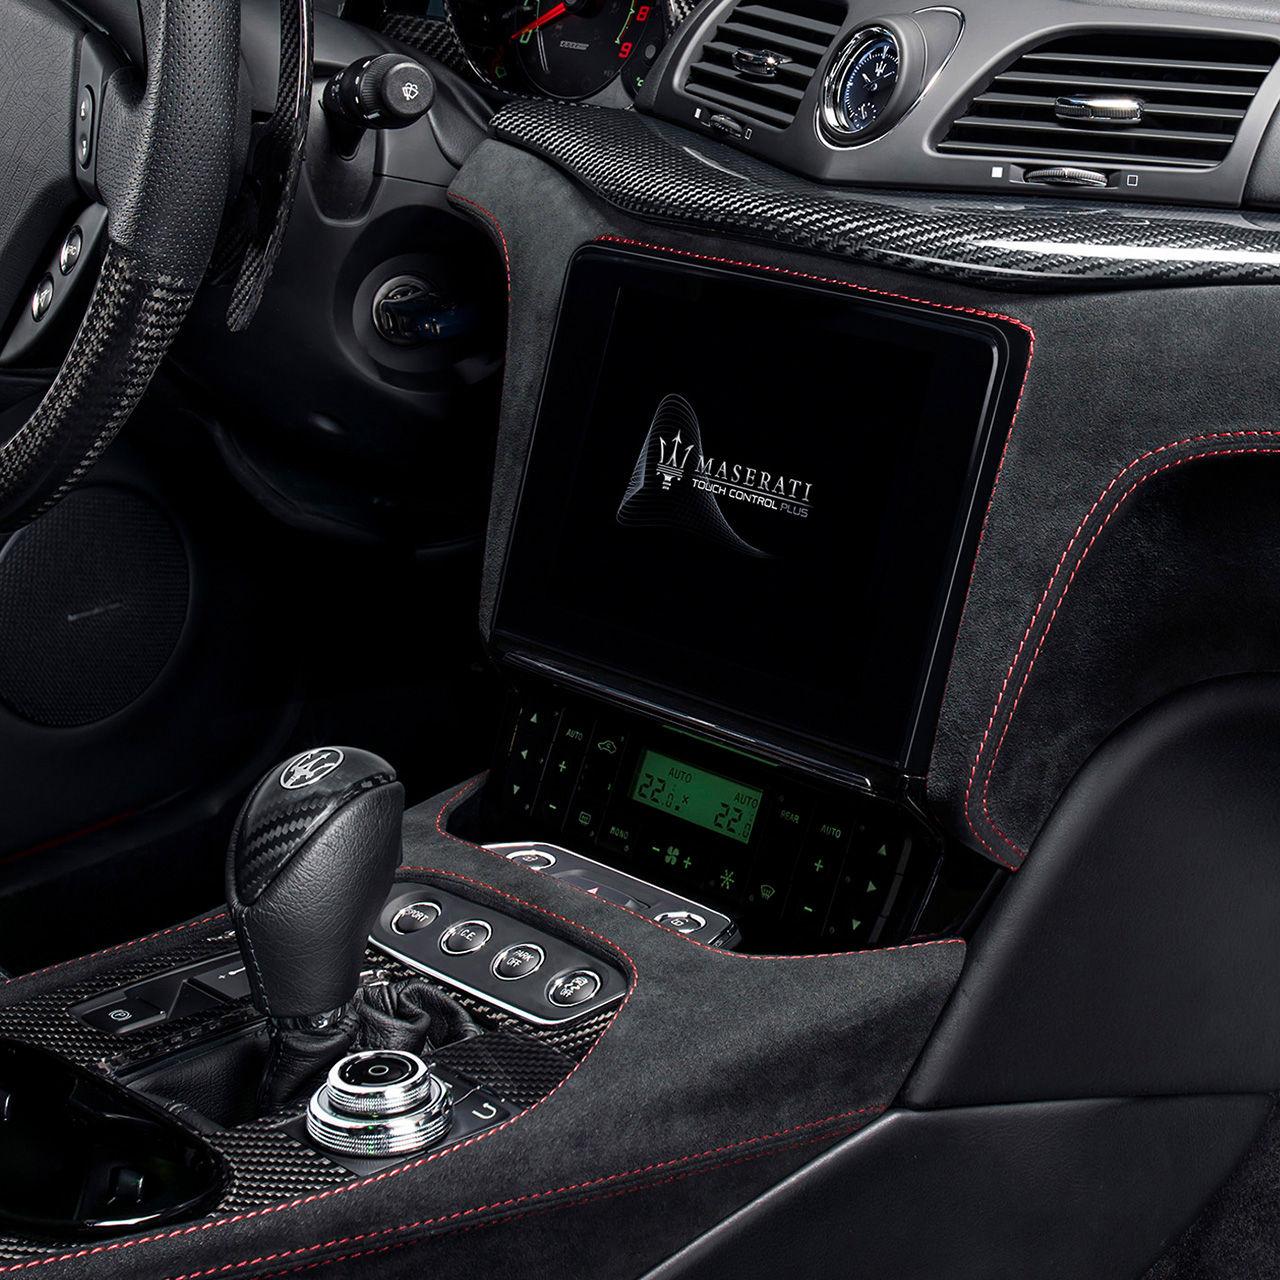 Maserati GranTurismo Innenausstattung - Kupplung und Display Detail - Infotainment und App-Connectivity